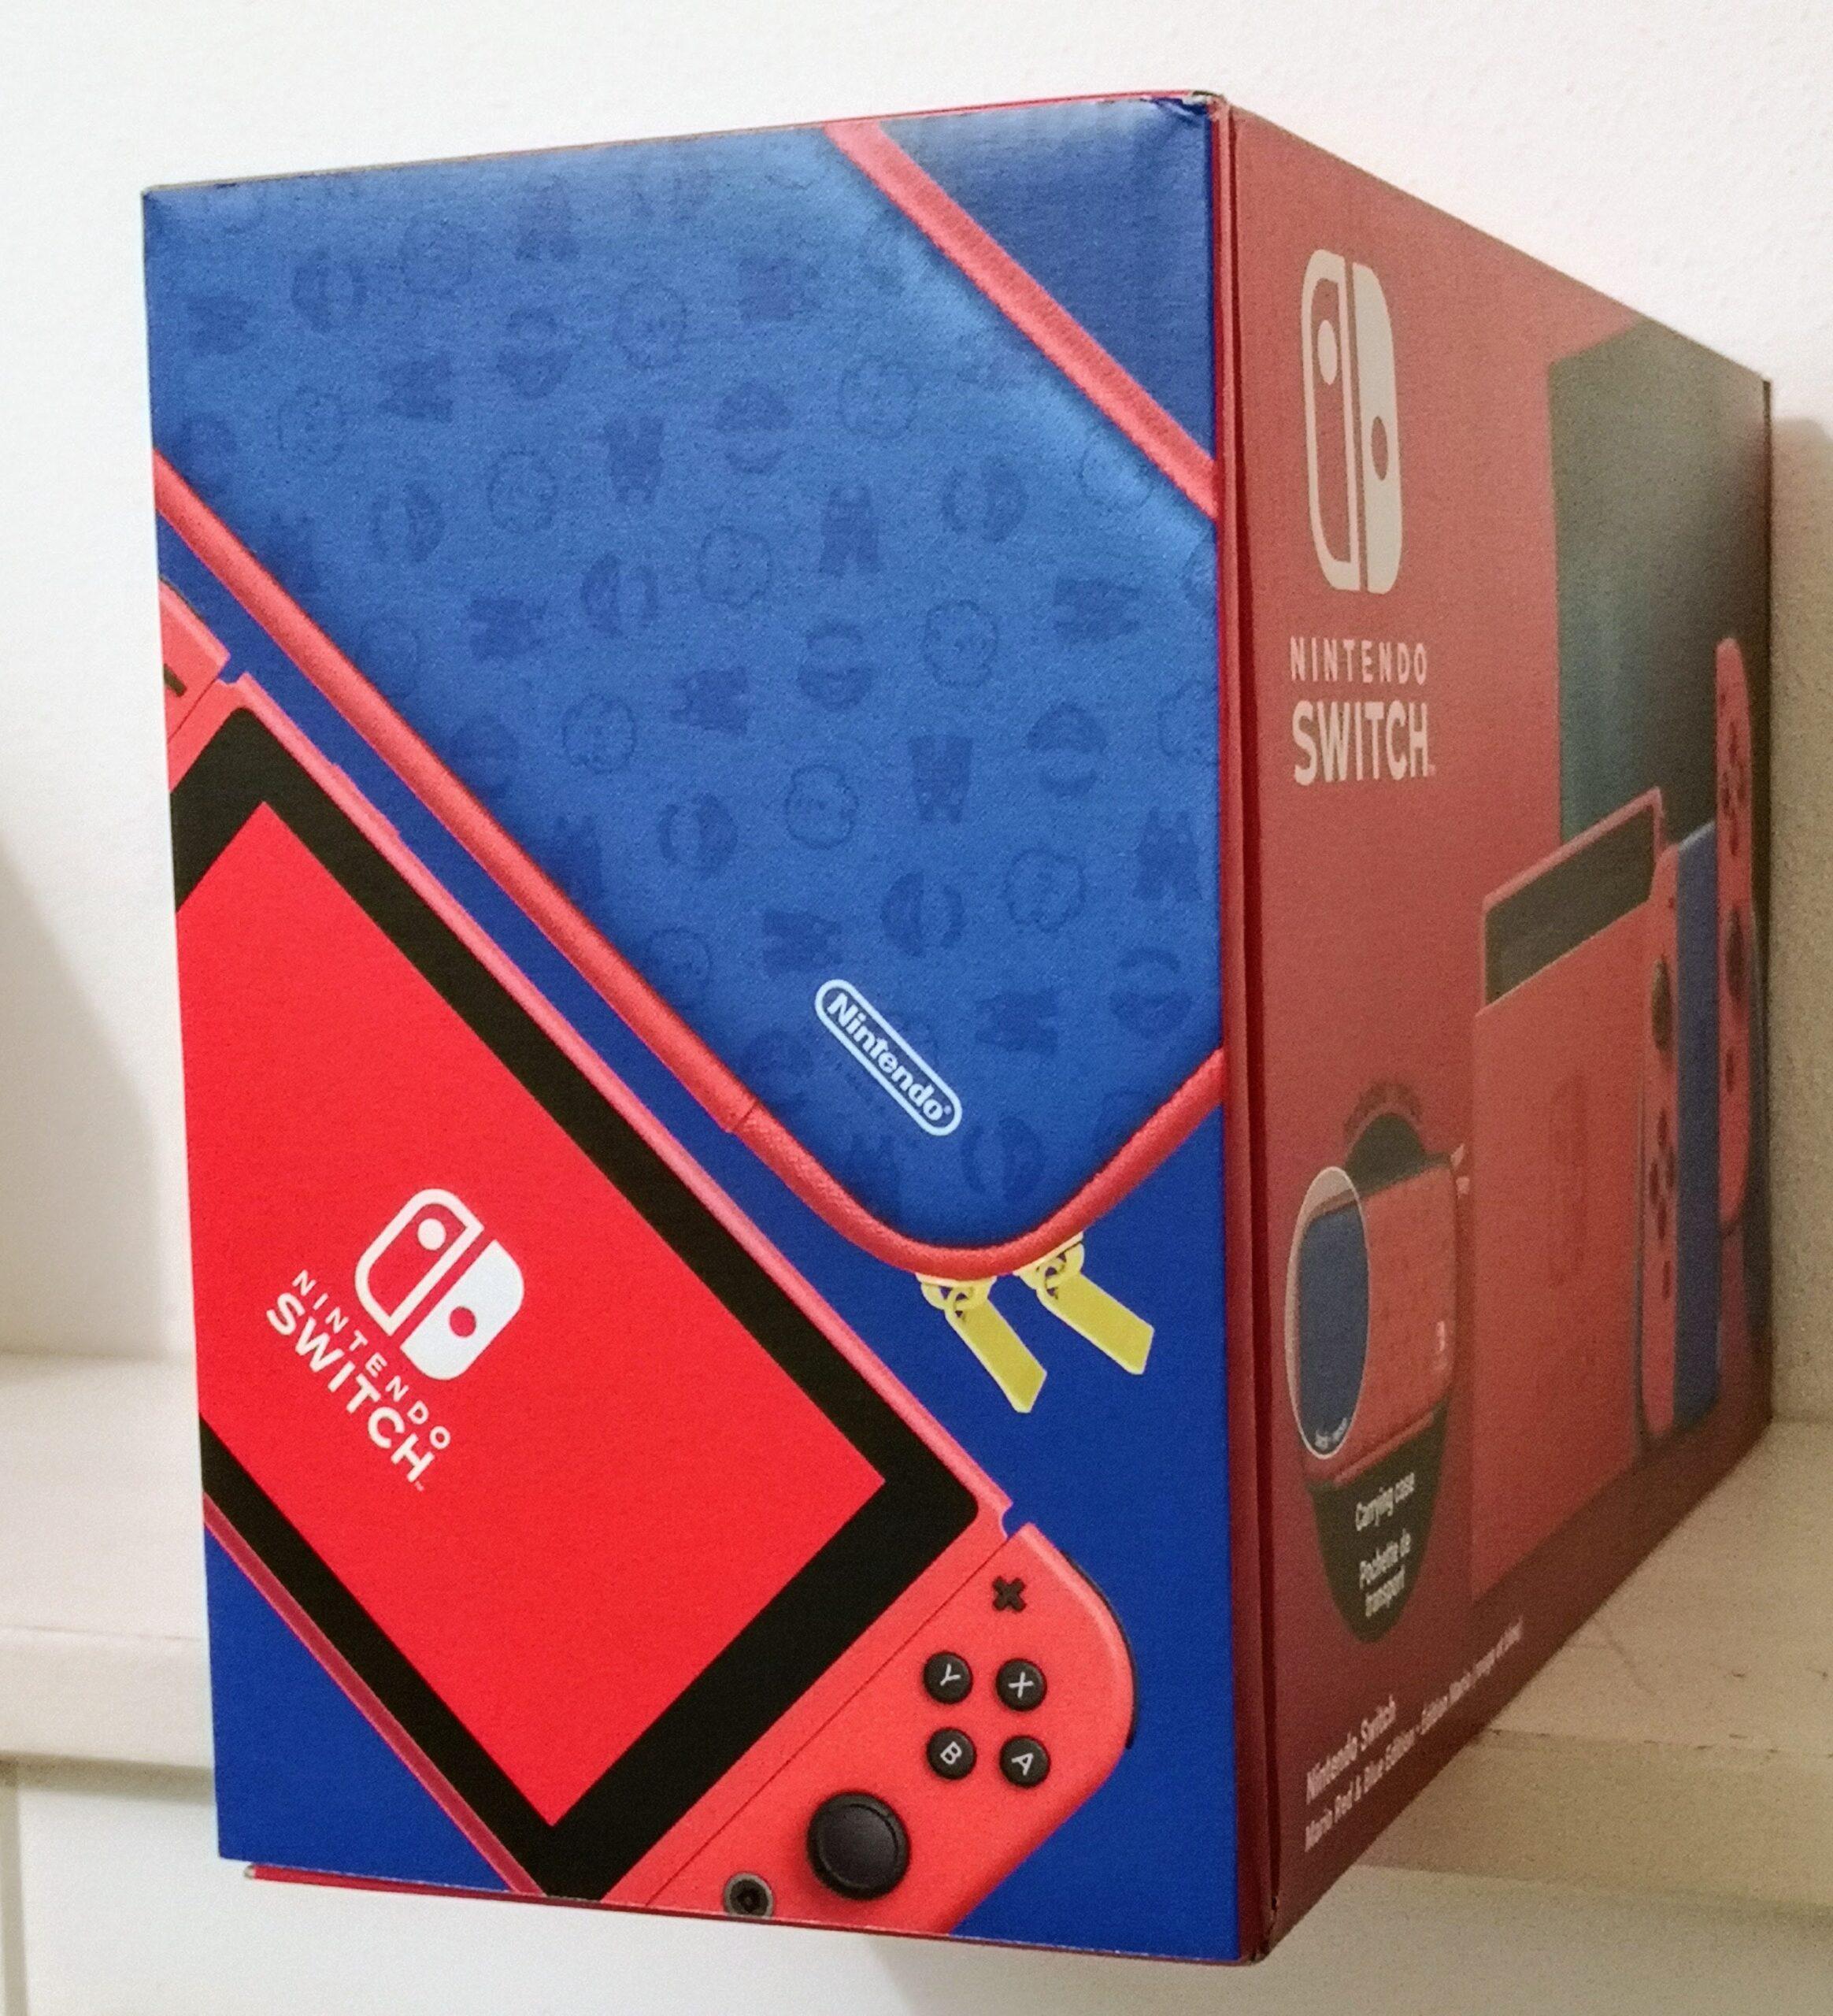 Nintendo Switch Mario Red & Blue Edition Dettaglio confezione